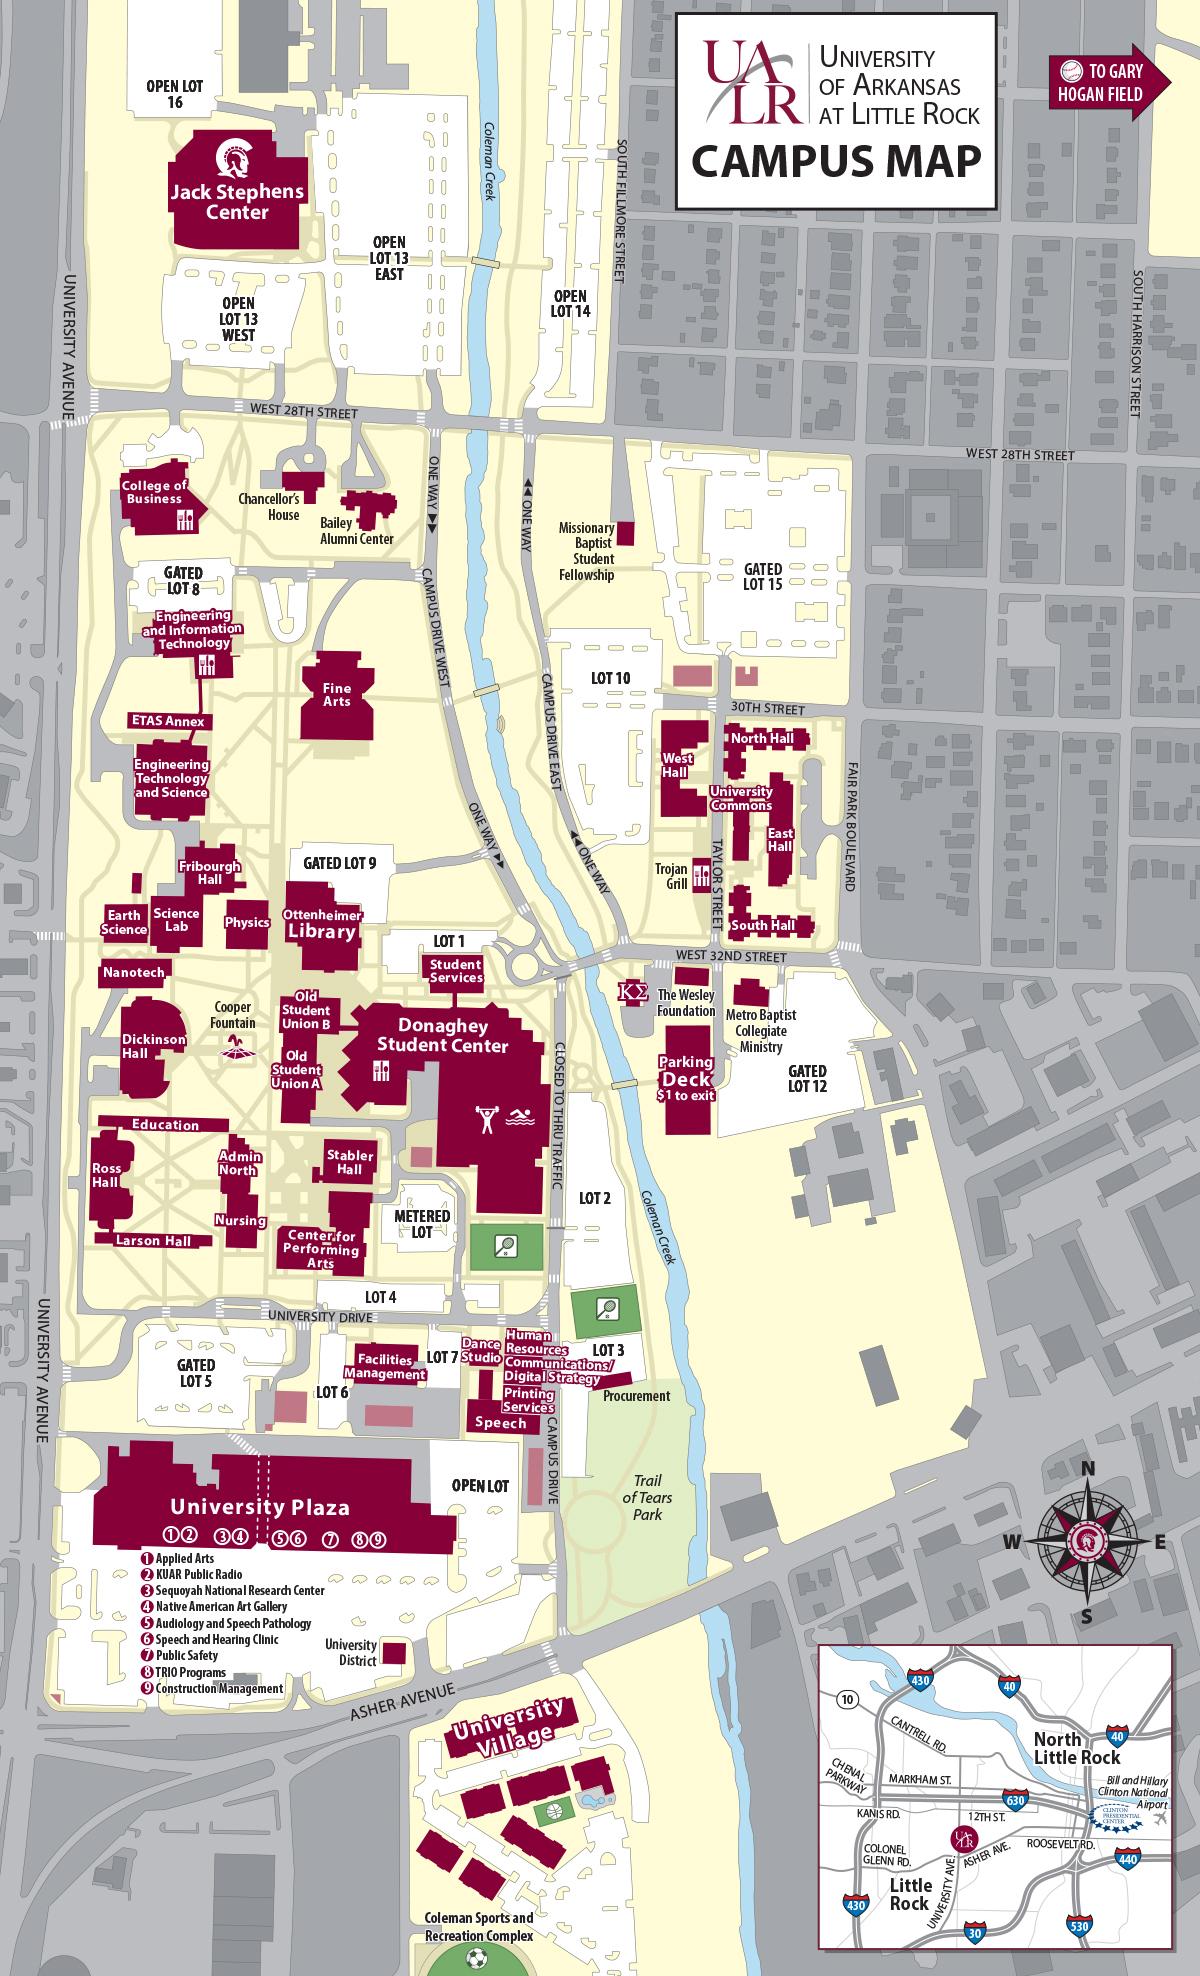 Ualr Campus Map ualr campus map 2015   Advanced Placement Summer Institute